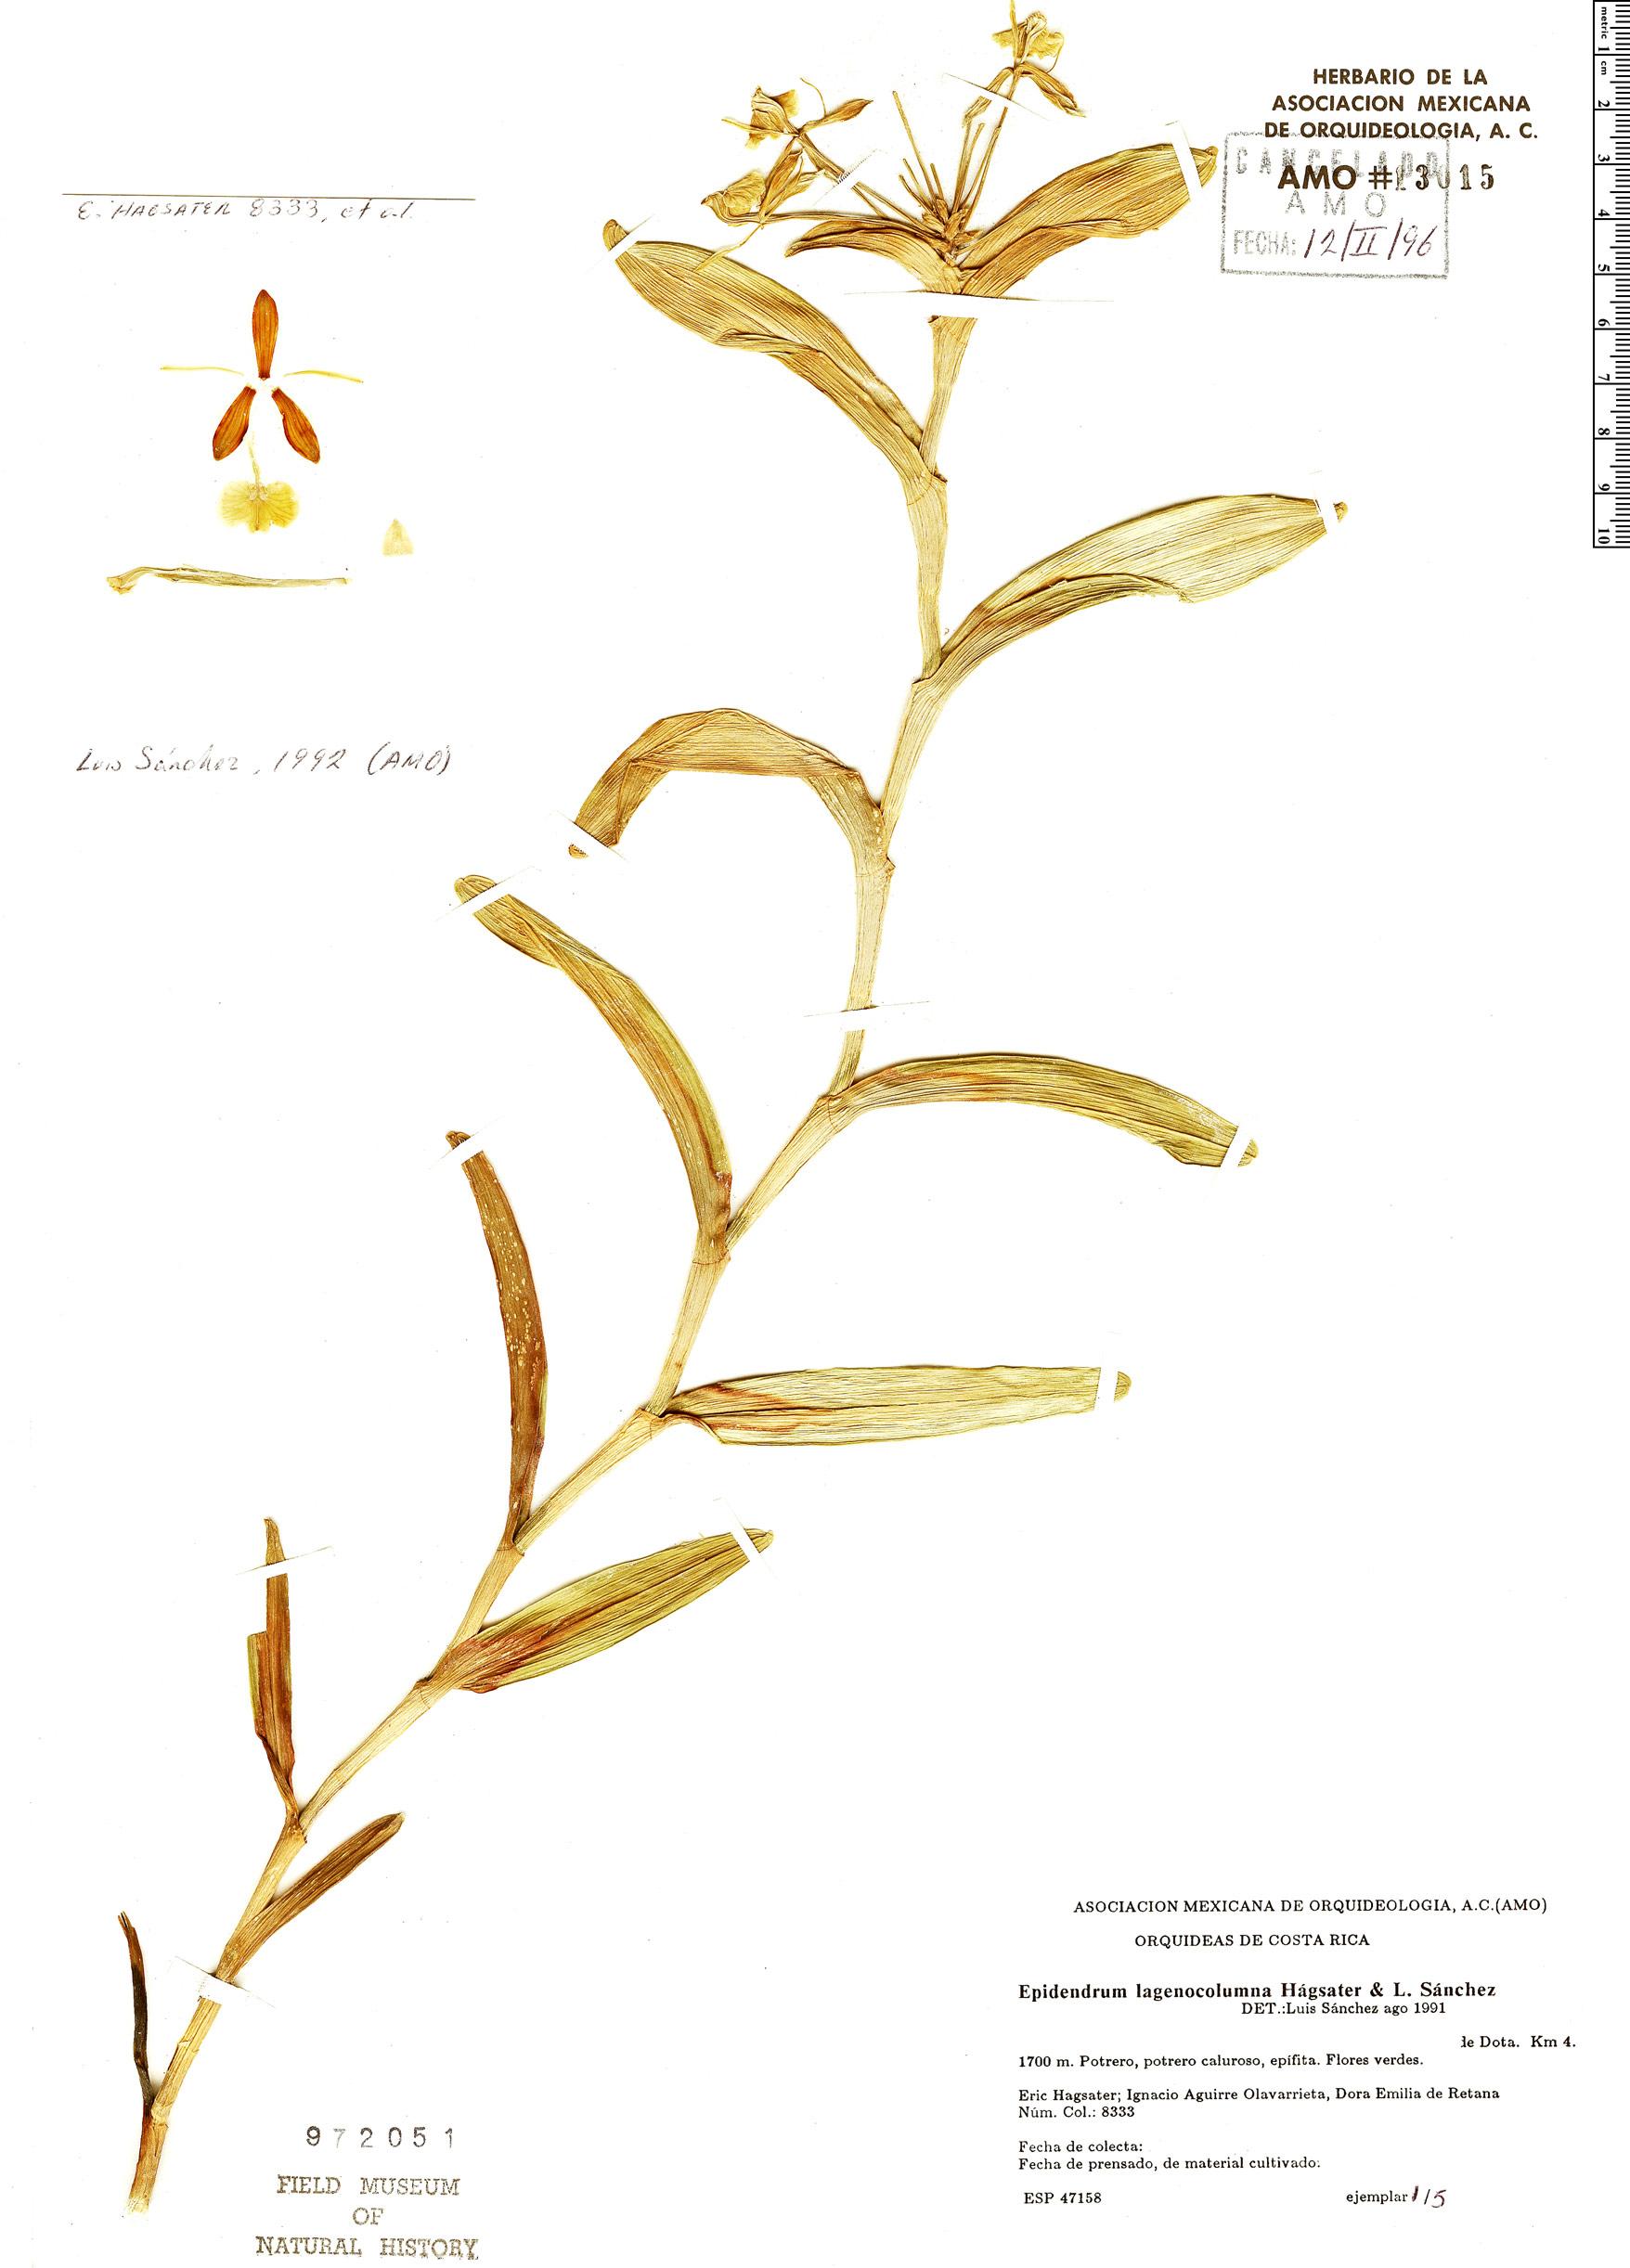 Specimen: Epidendrum lagenocolumna